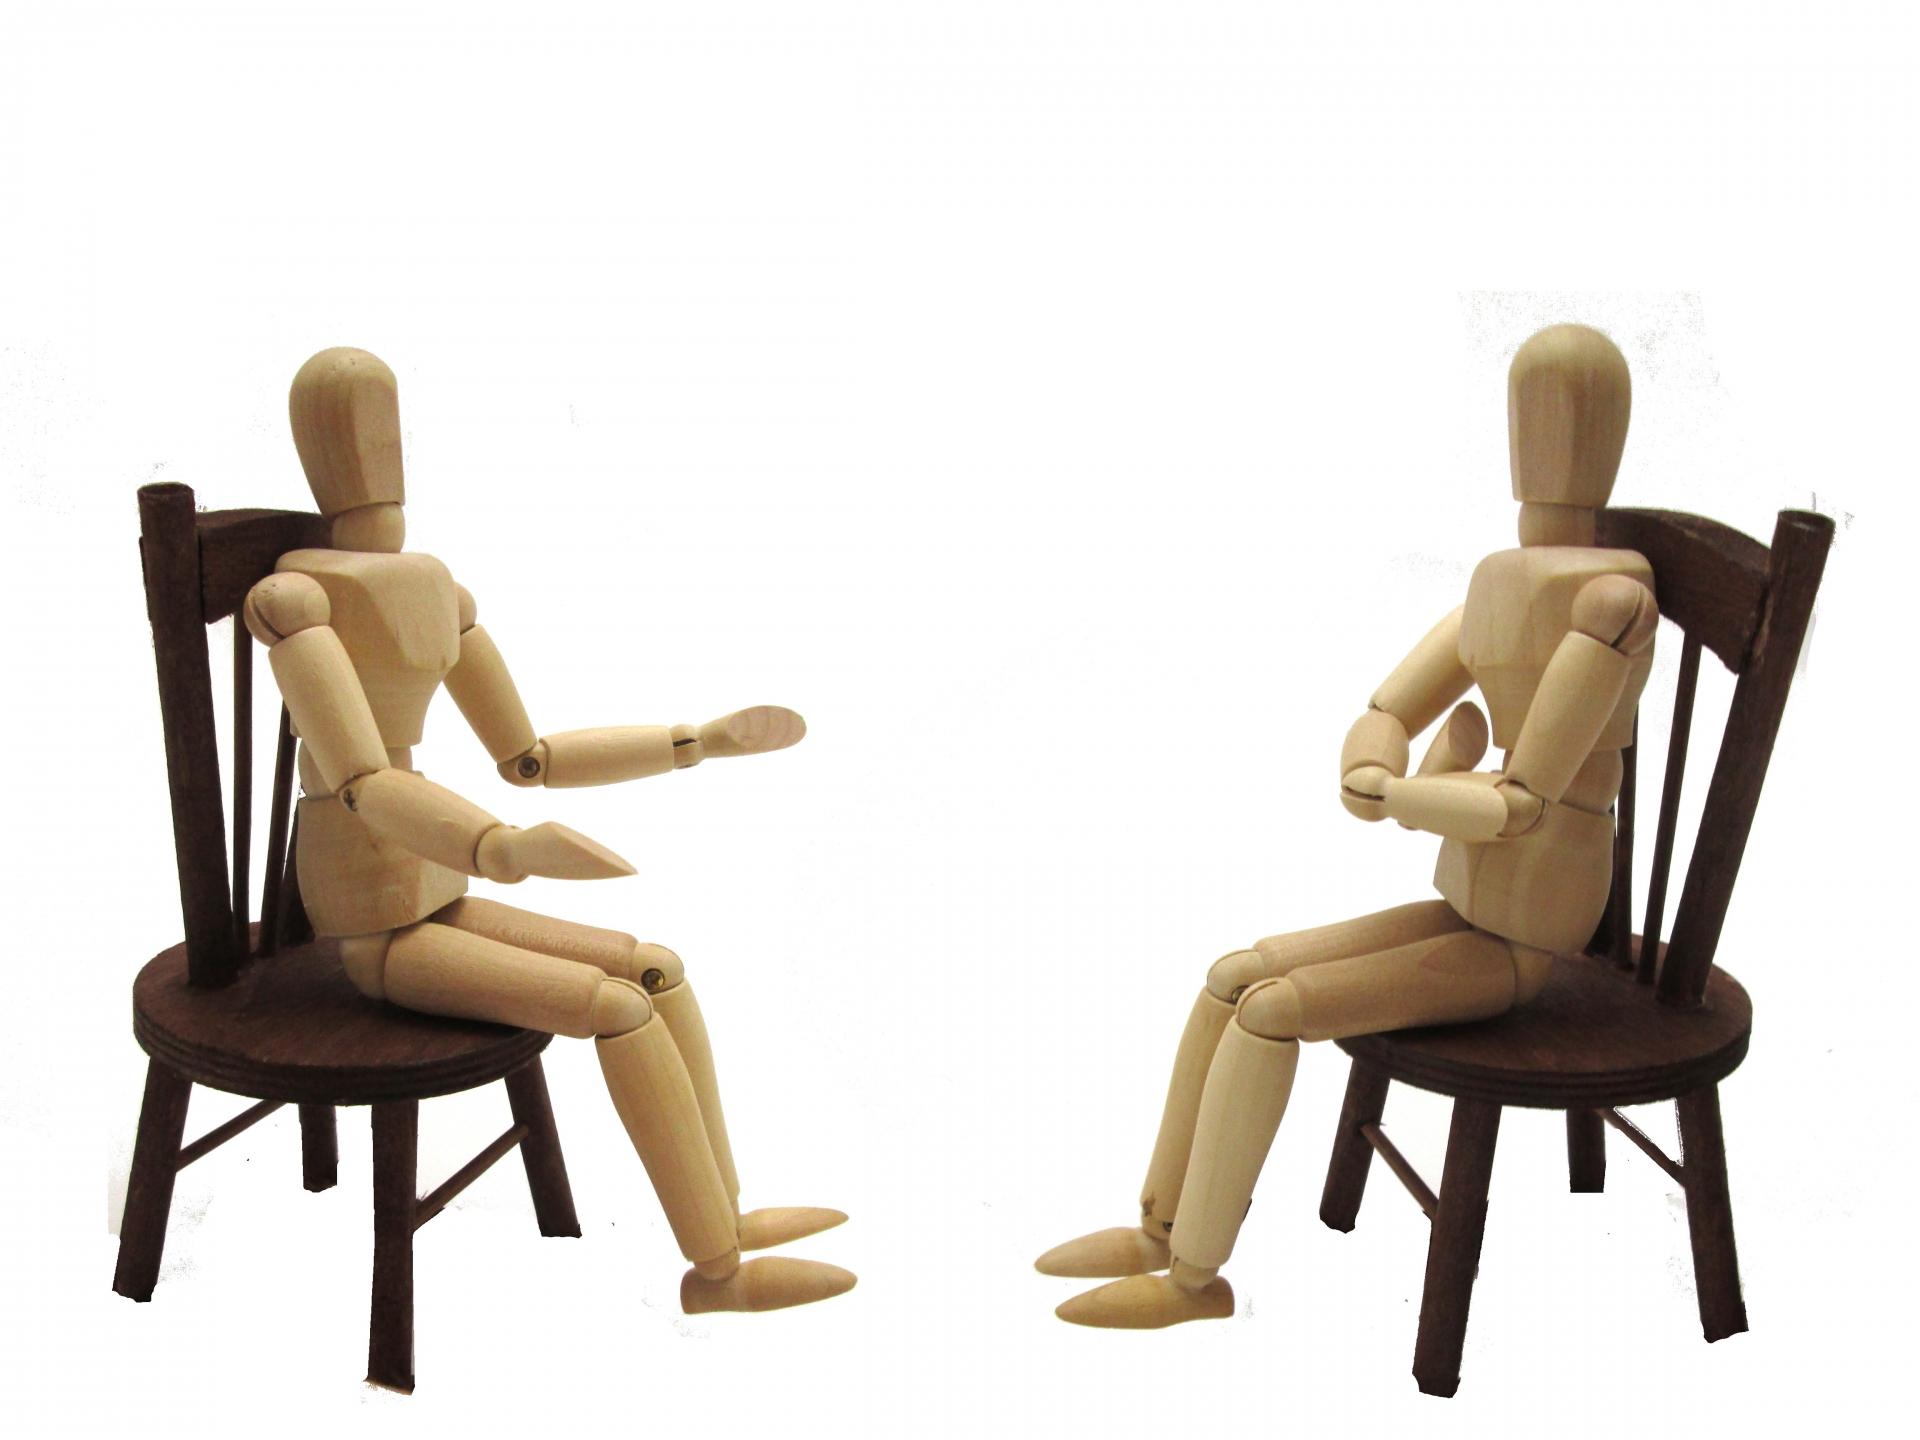 【連載コラム】働く人のための認知行動療法〜うつからの回復〜 第1回